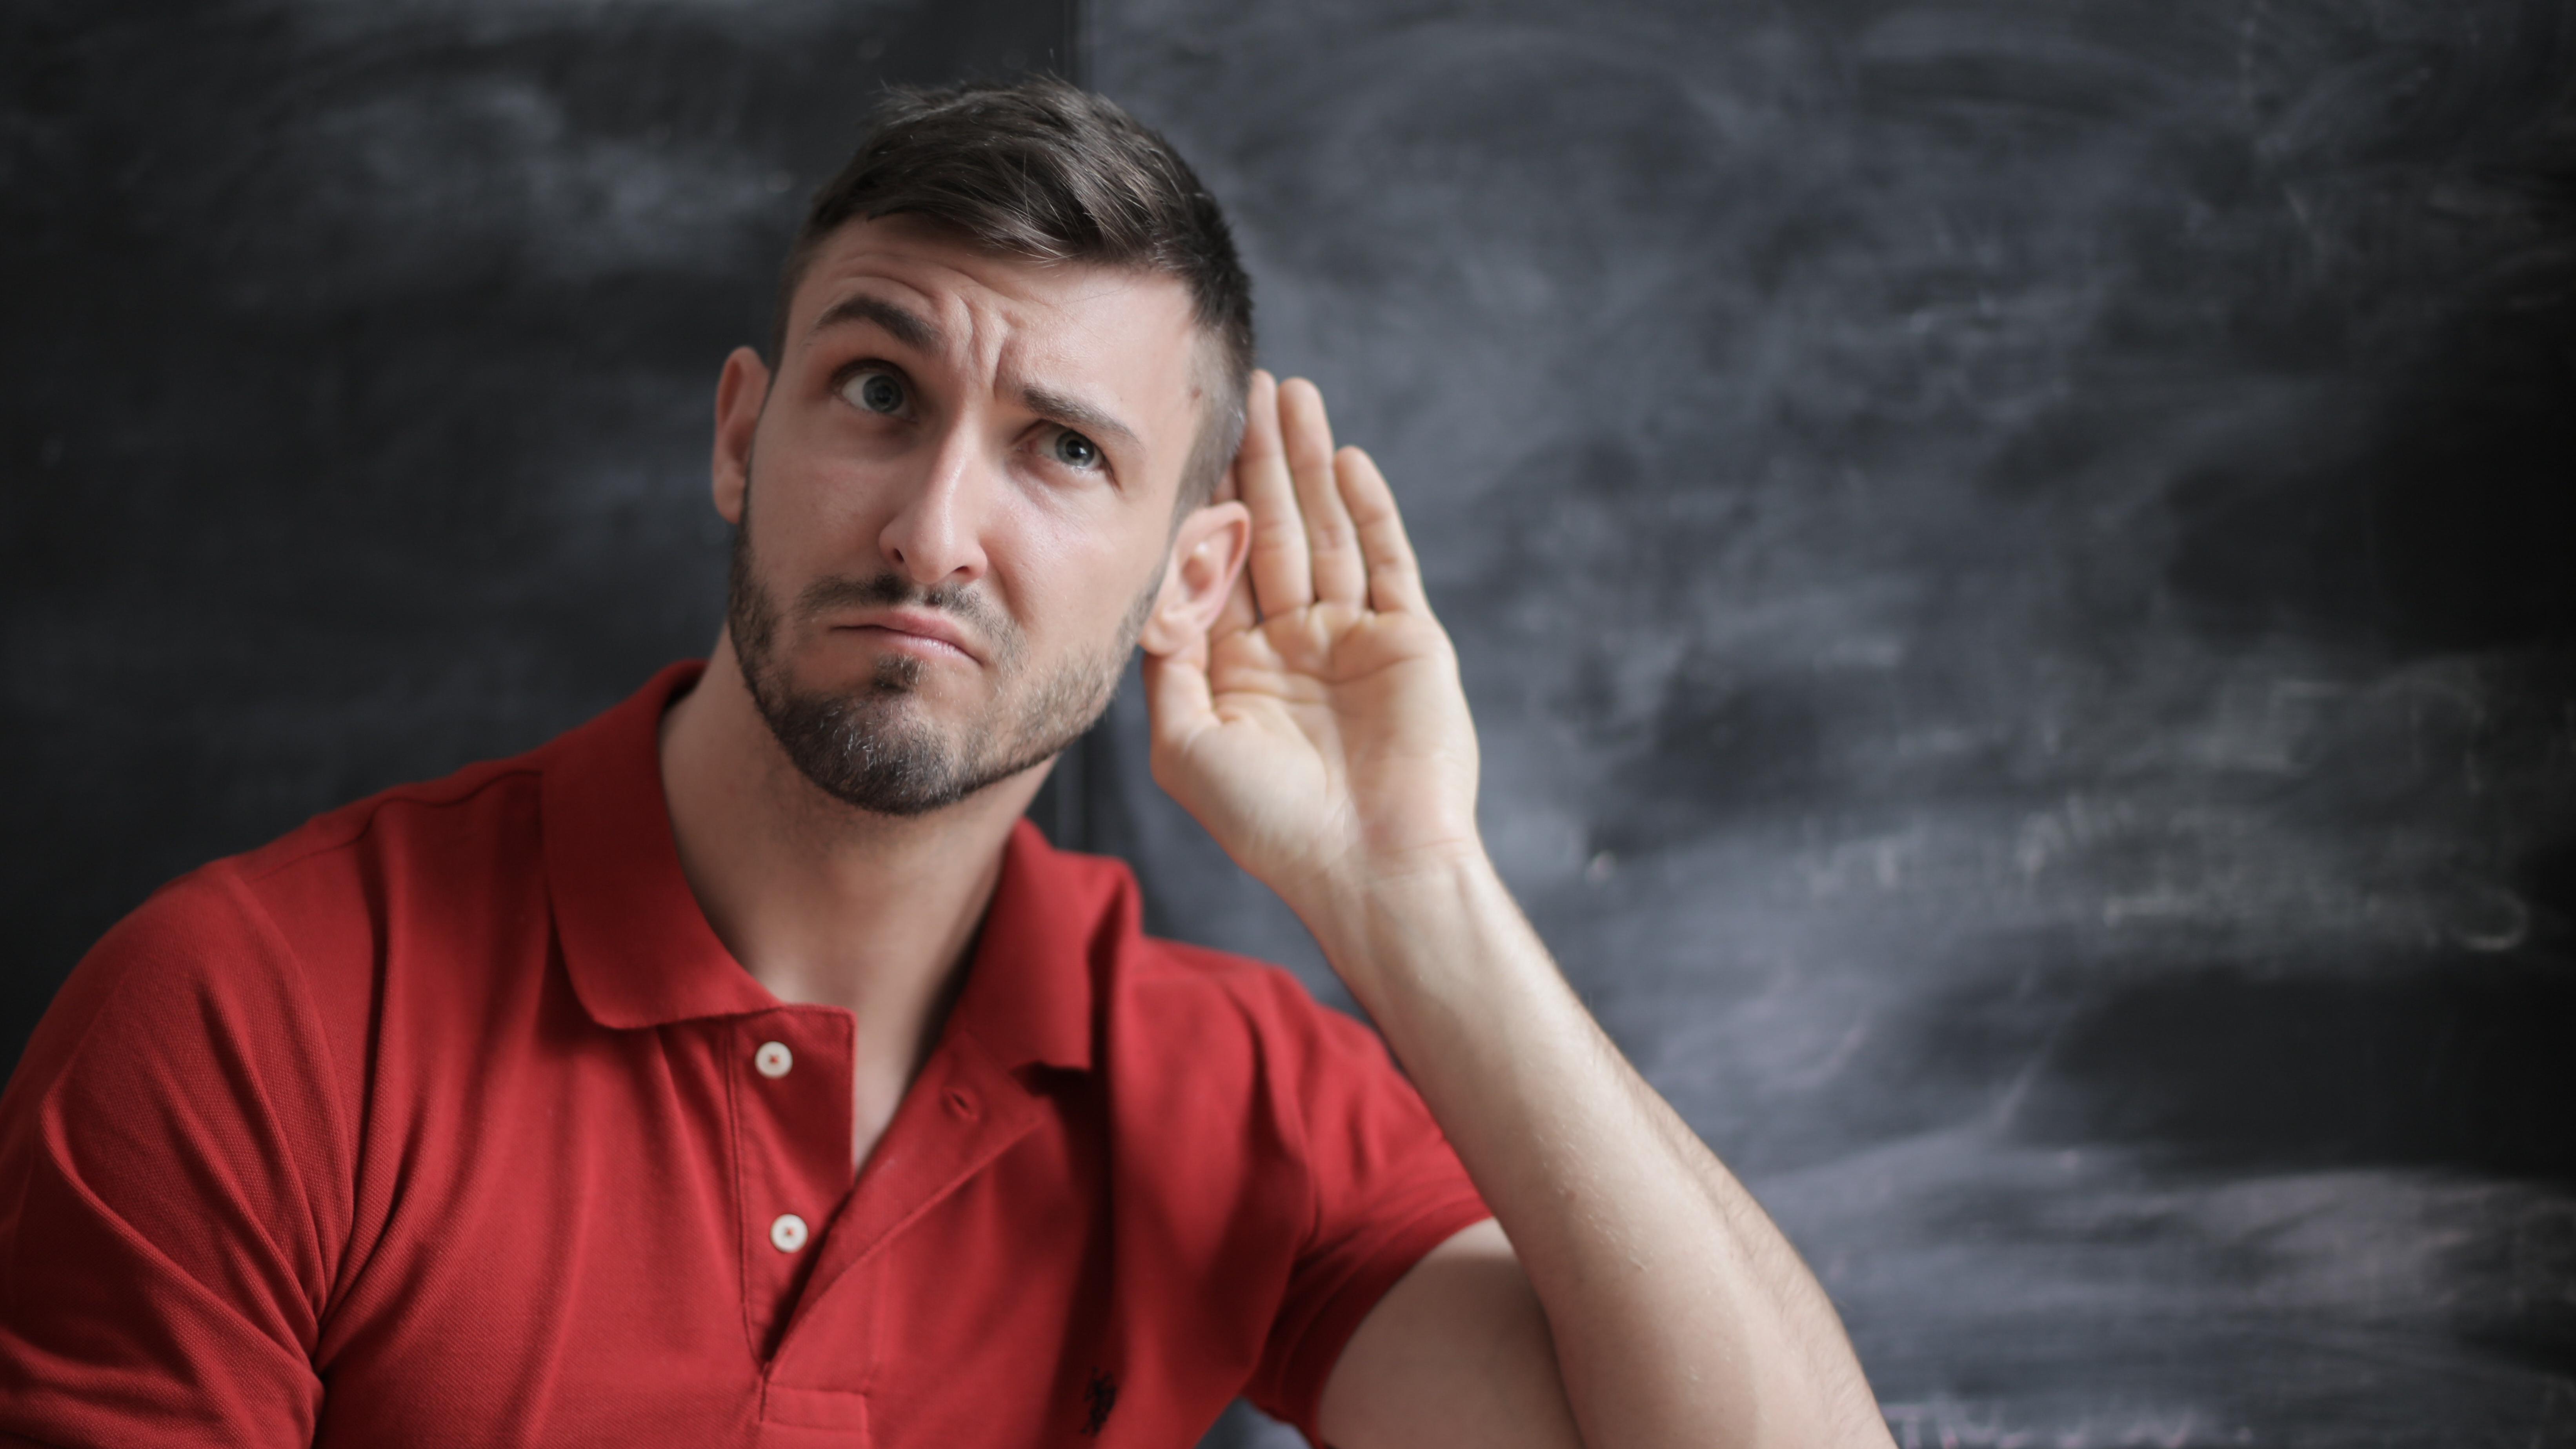 Oft reichen natürliche Mittel aus, um ein verstopftes Ohr wieder zu befreien.